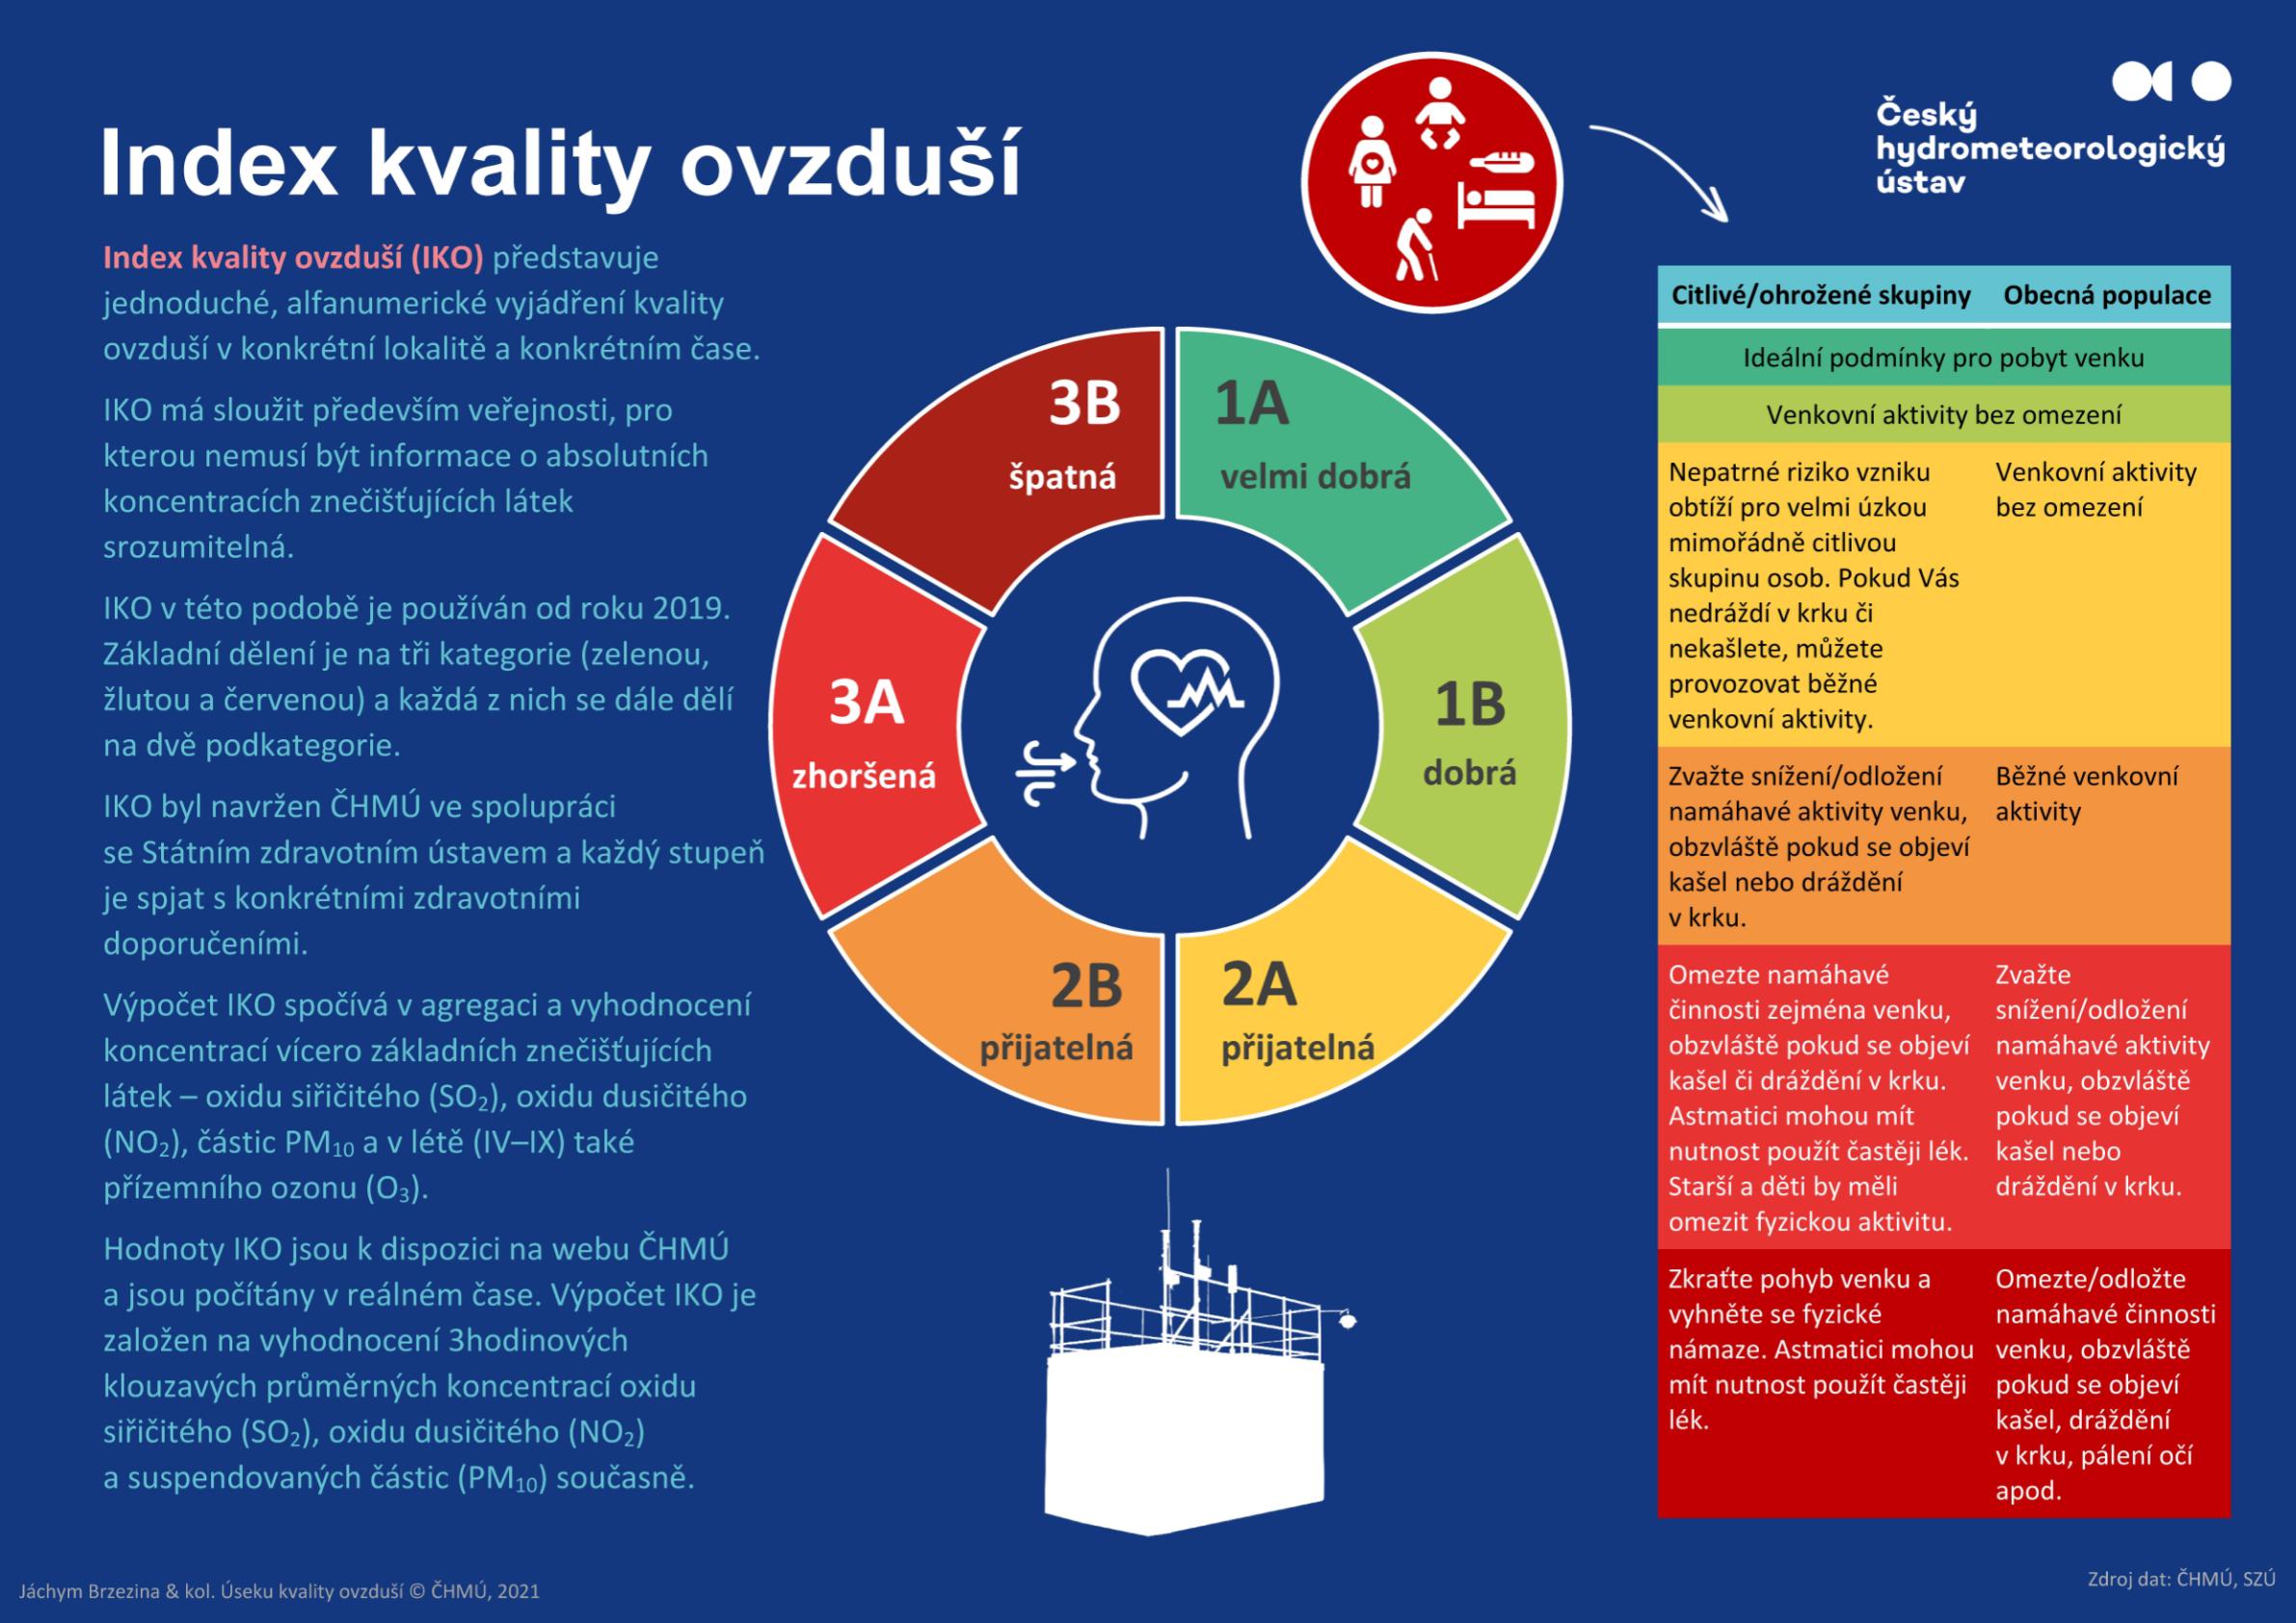 Index kvality ovzduší*